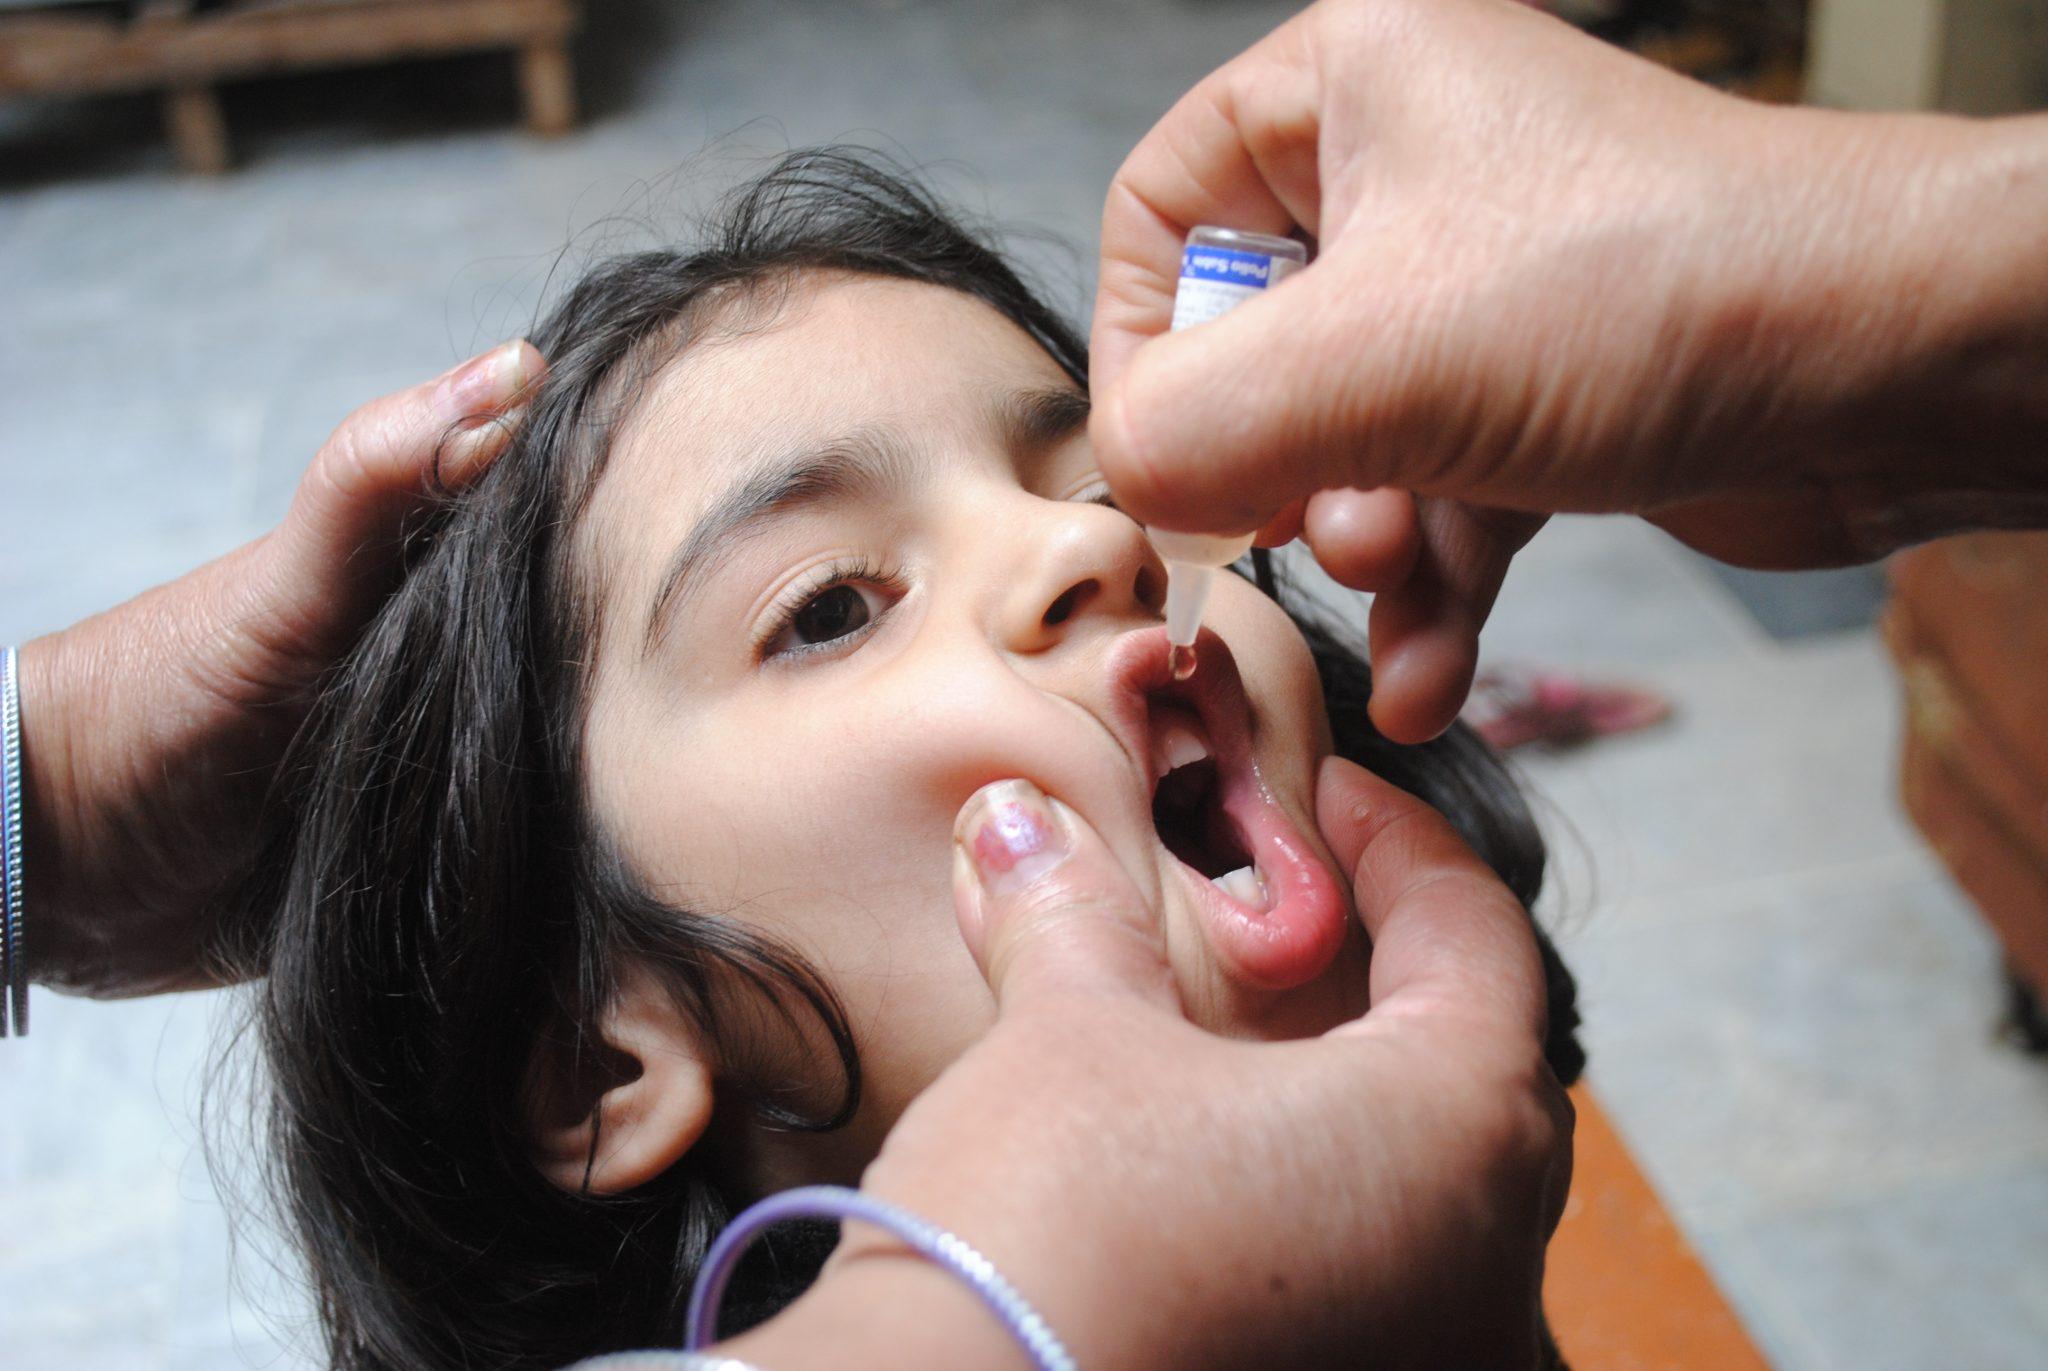 واکسین - آغاز کمپاین تطبیق واکسین سرخکان در 17 ولایت افغانستان